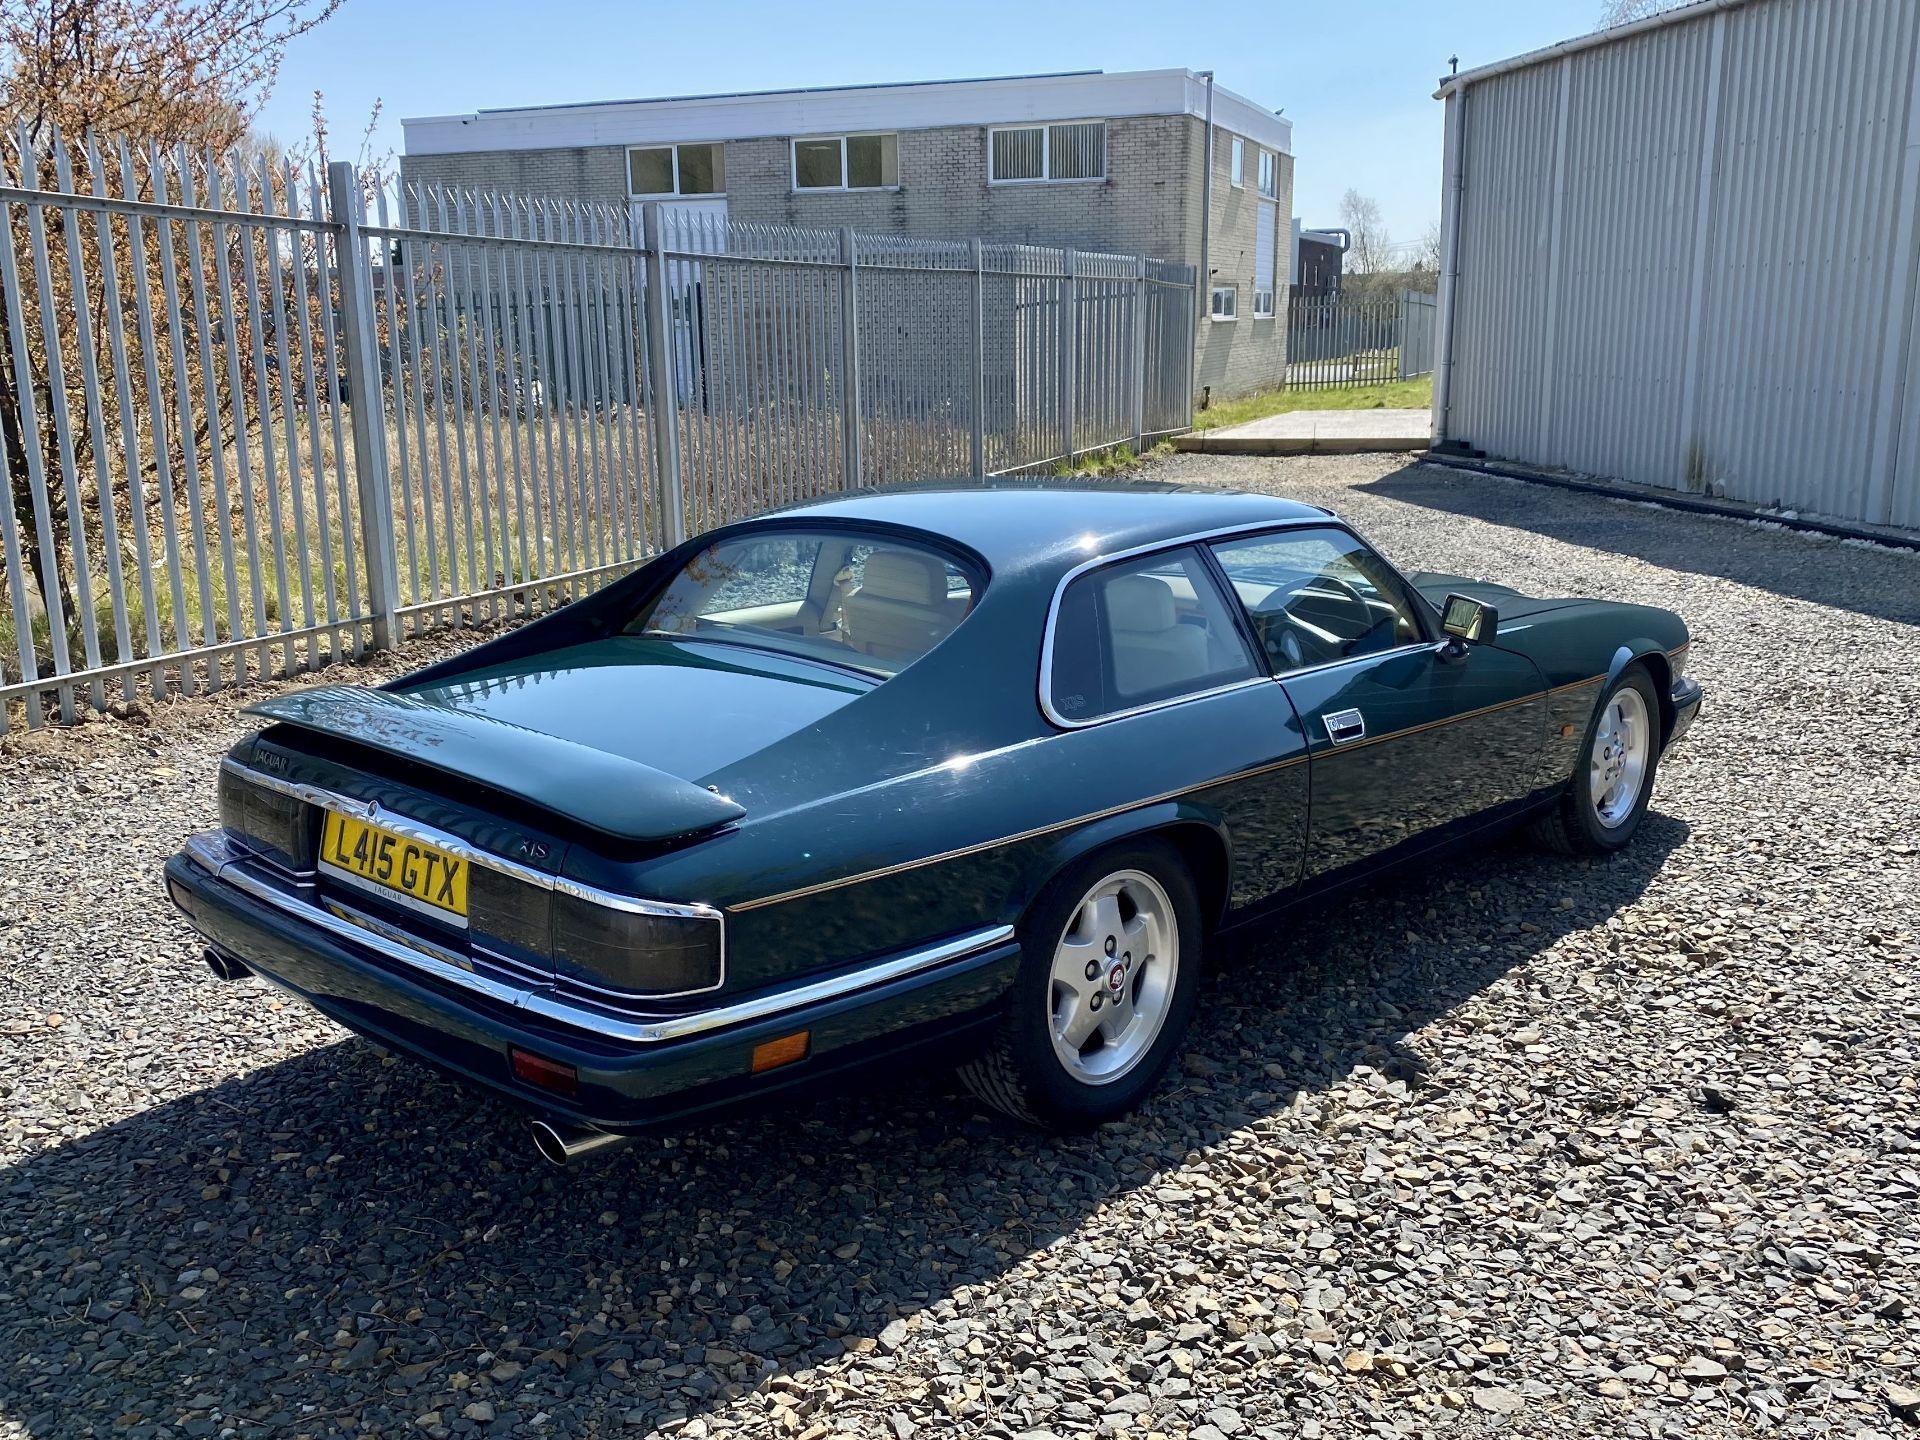 Jaguar XJS coupe - Image 6 of 64